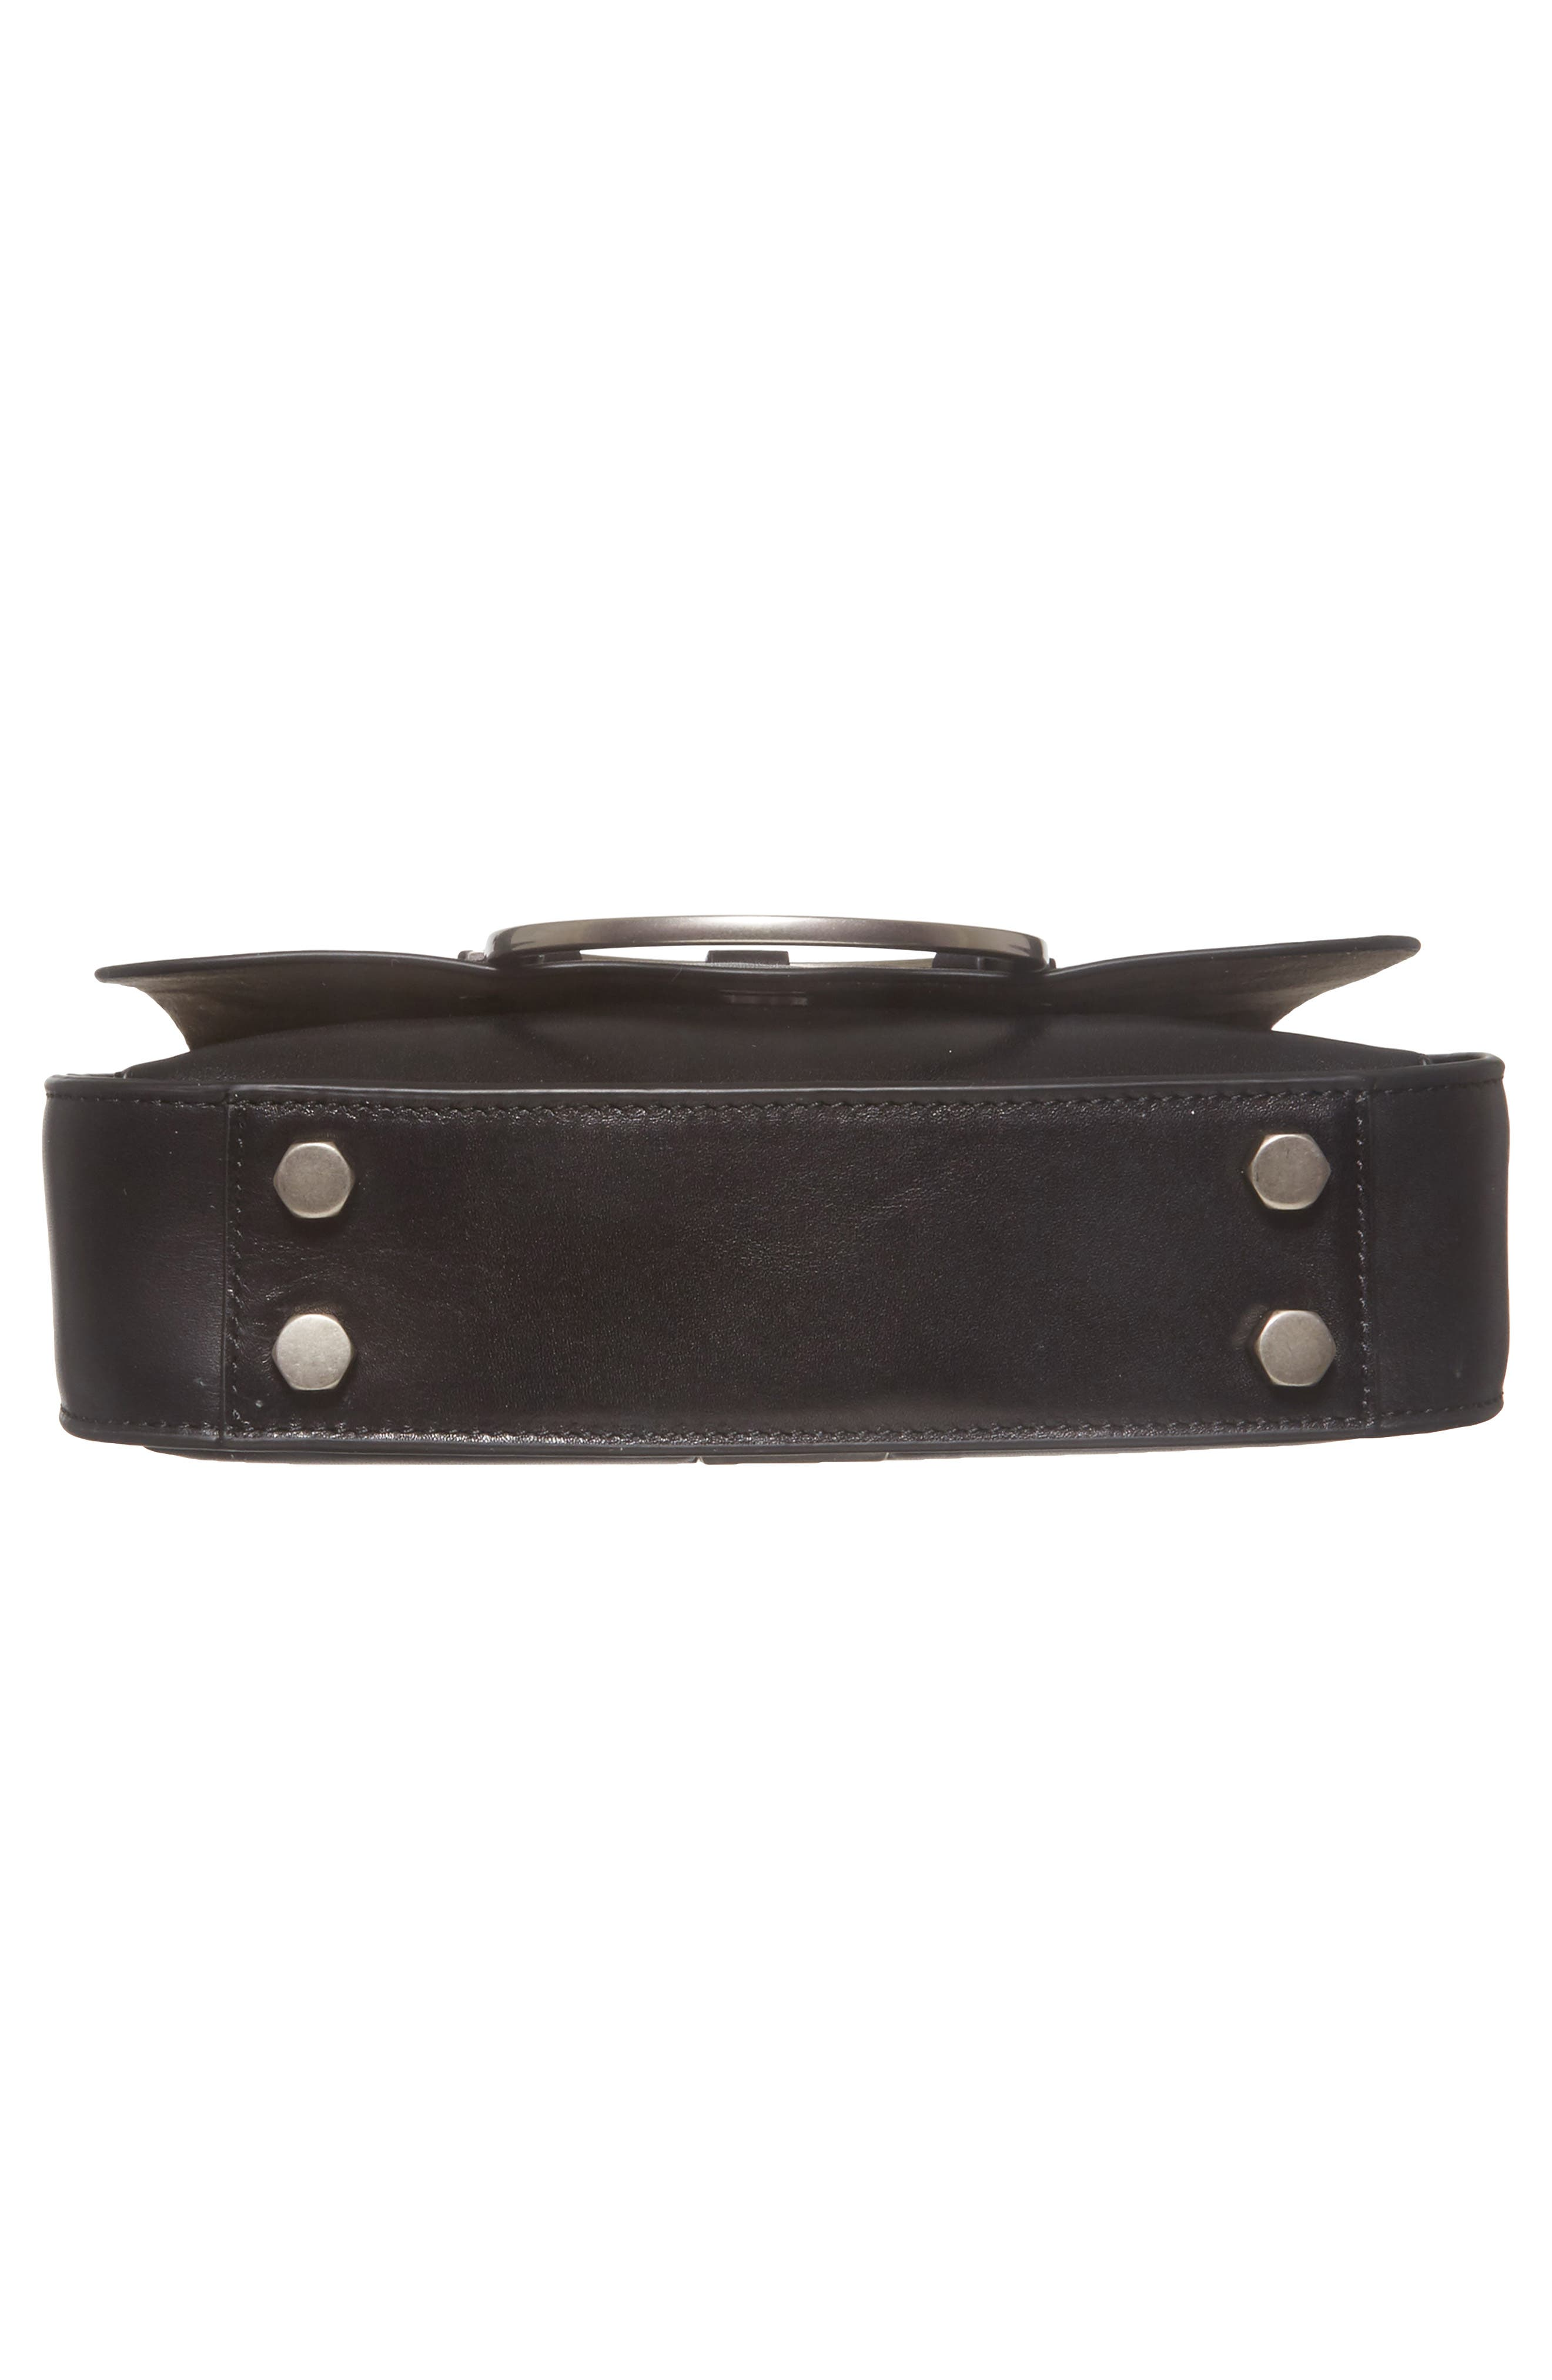 Ring Leather Shoulder Bag,                             Alternate thumbnail 6, color,                             Black